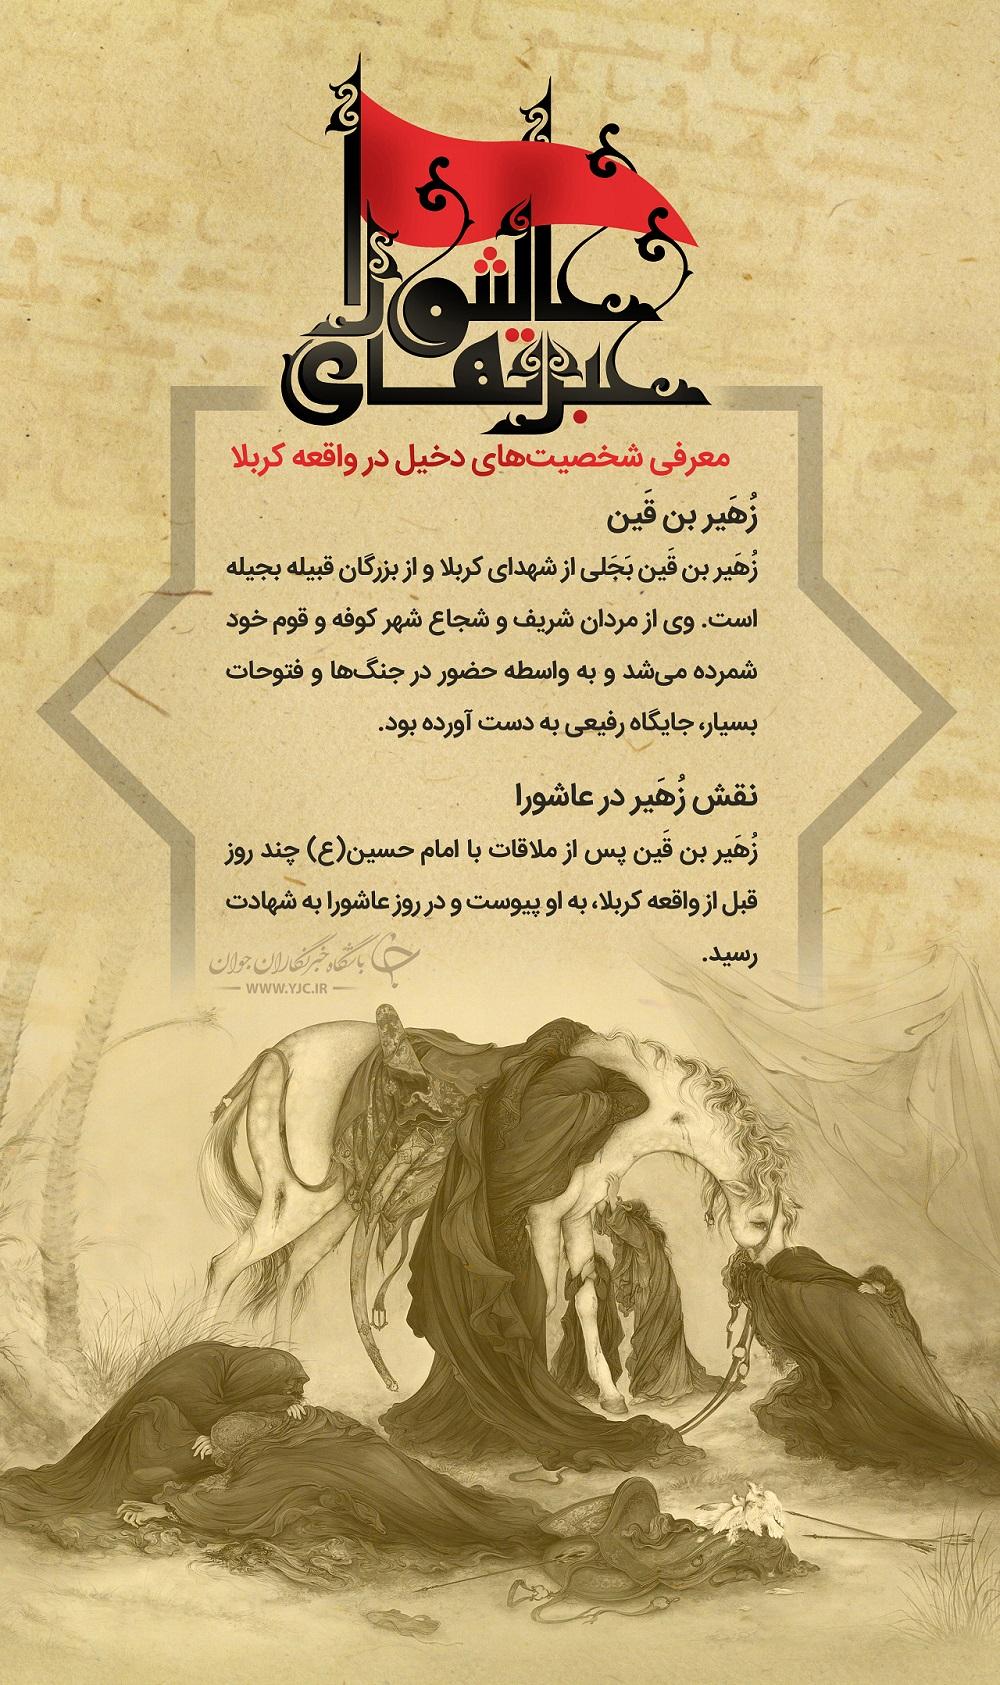 مردي که از جهاد در رکاب امام حسين (ع) فراري بود + فيلم